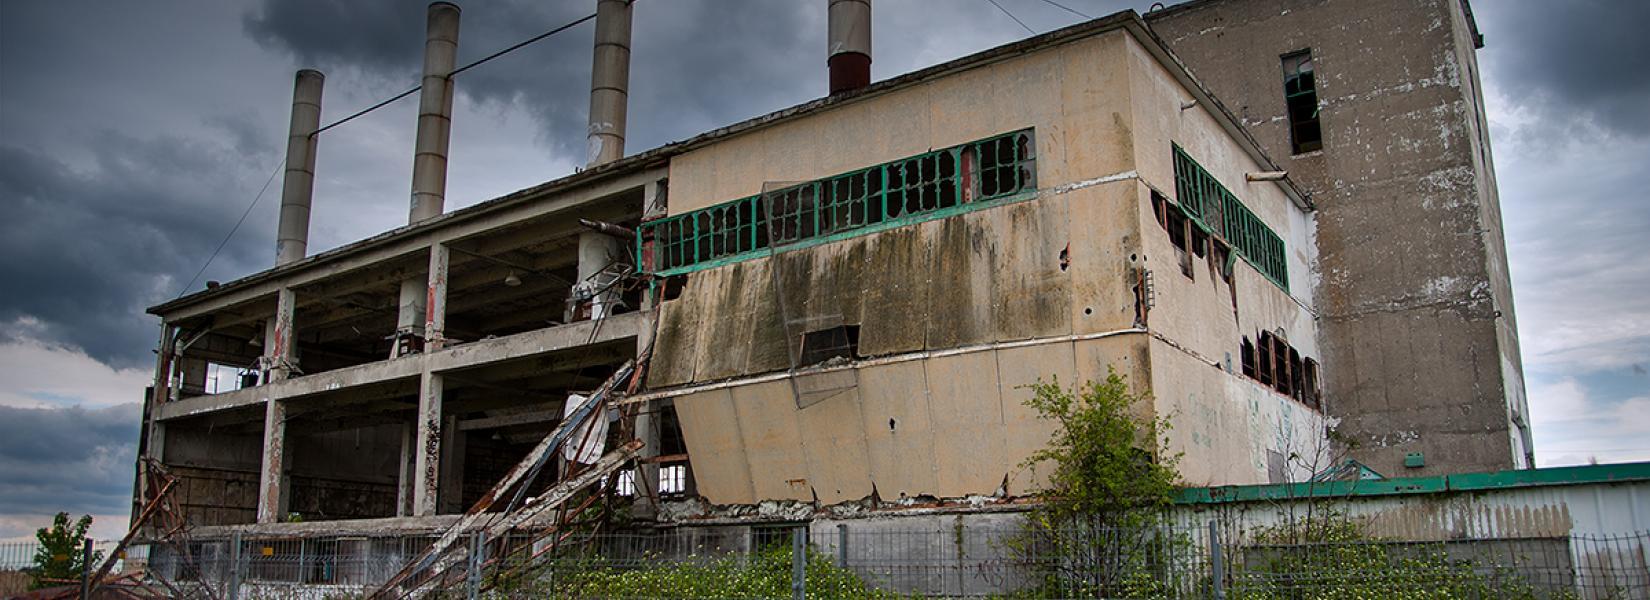 L'usine abandonnée sans nom